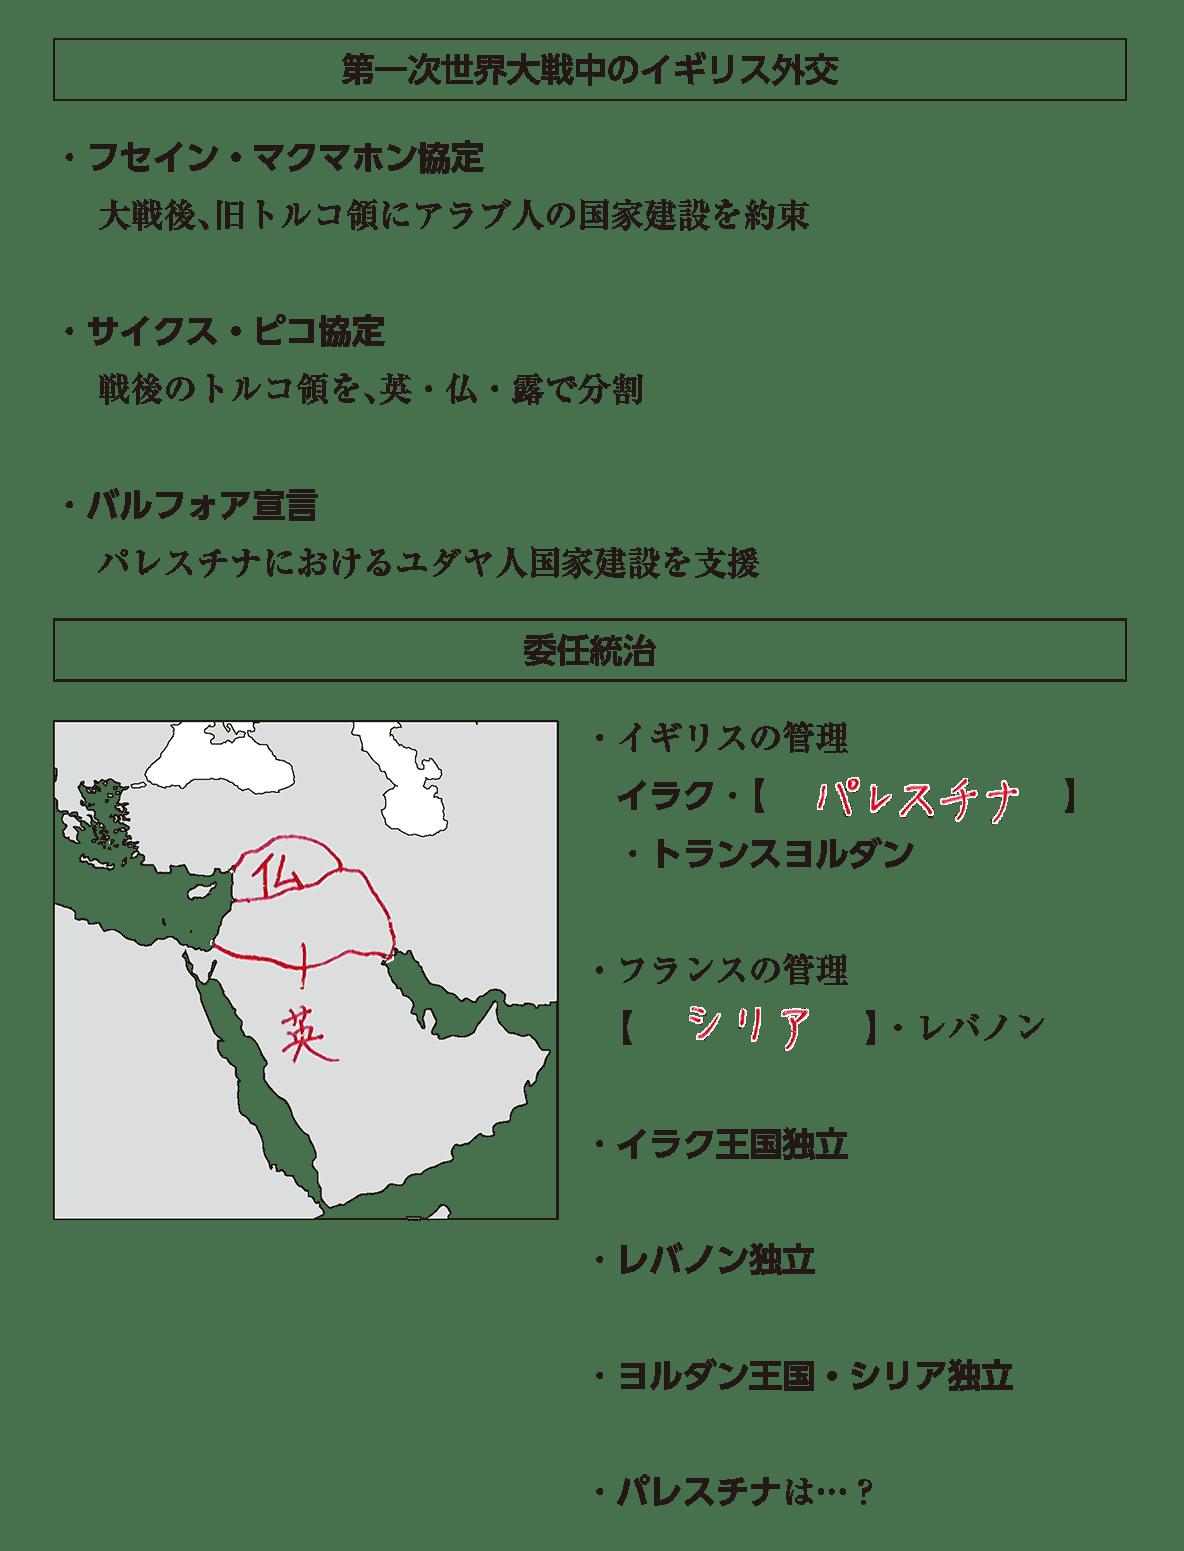 高校世界史 戦間期のアジア諸地域6 ポイント2 答え全部